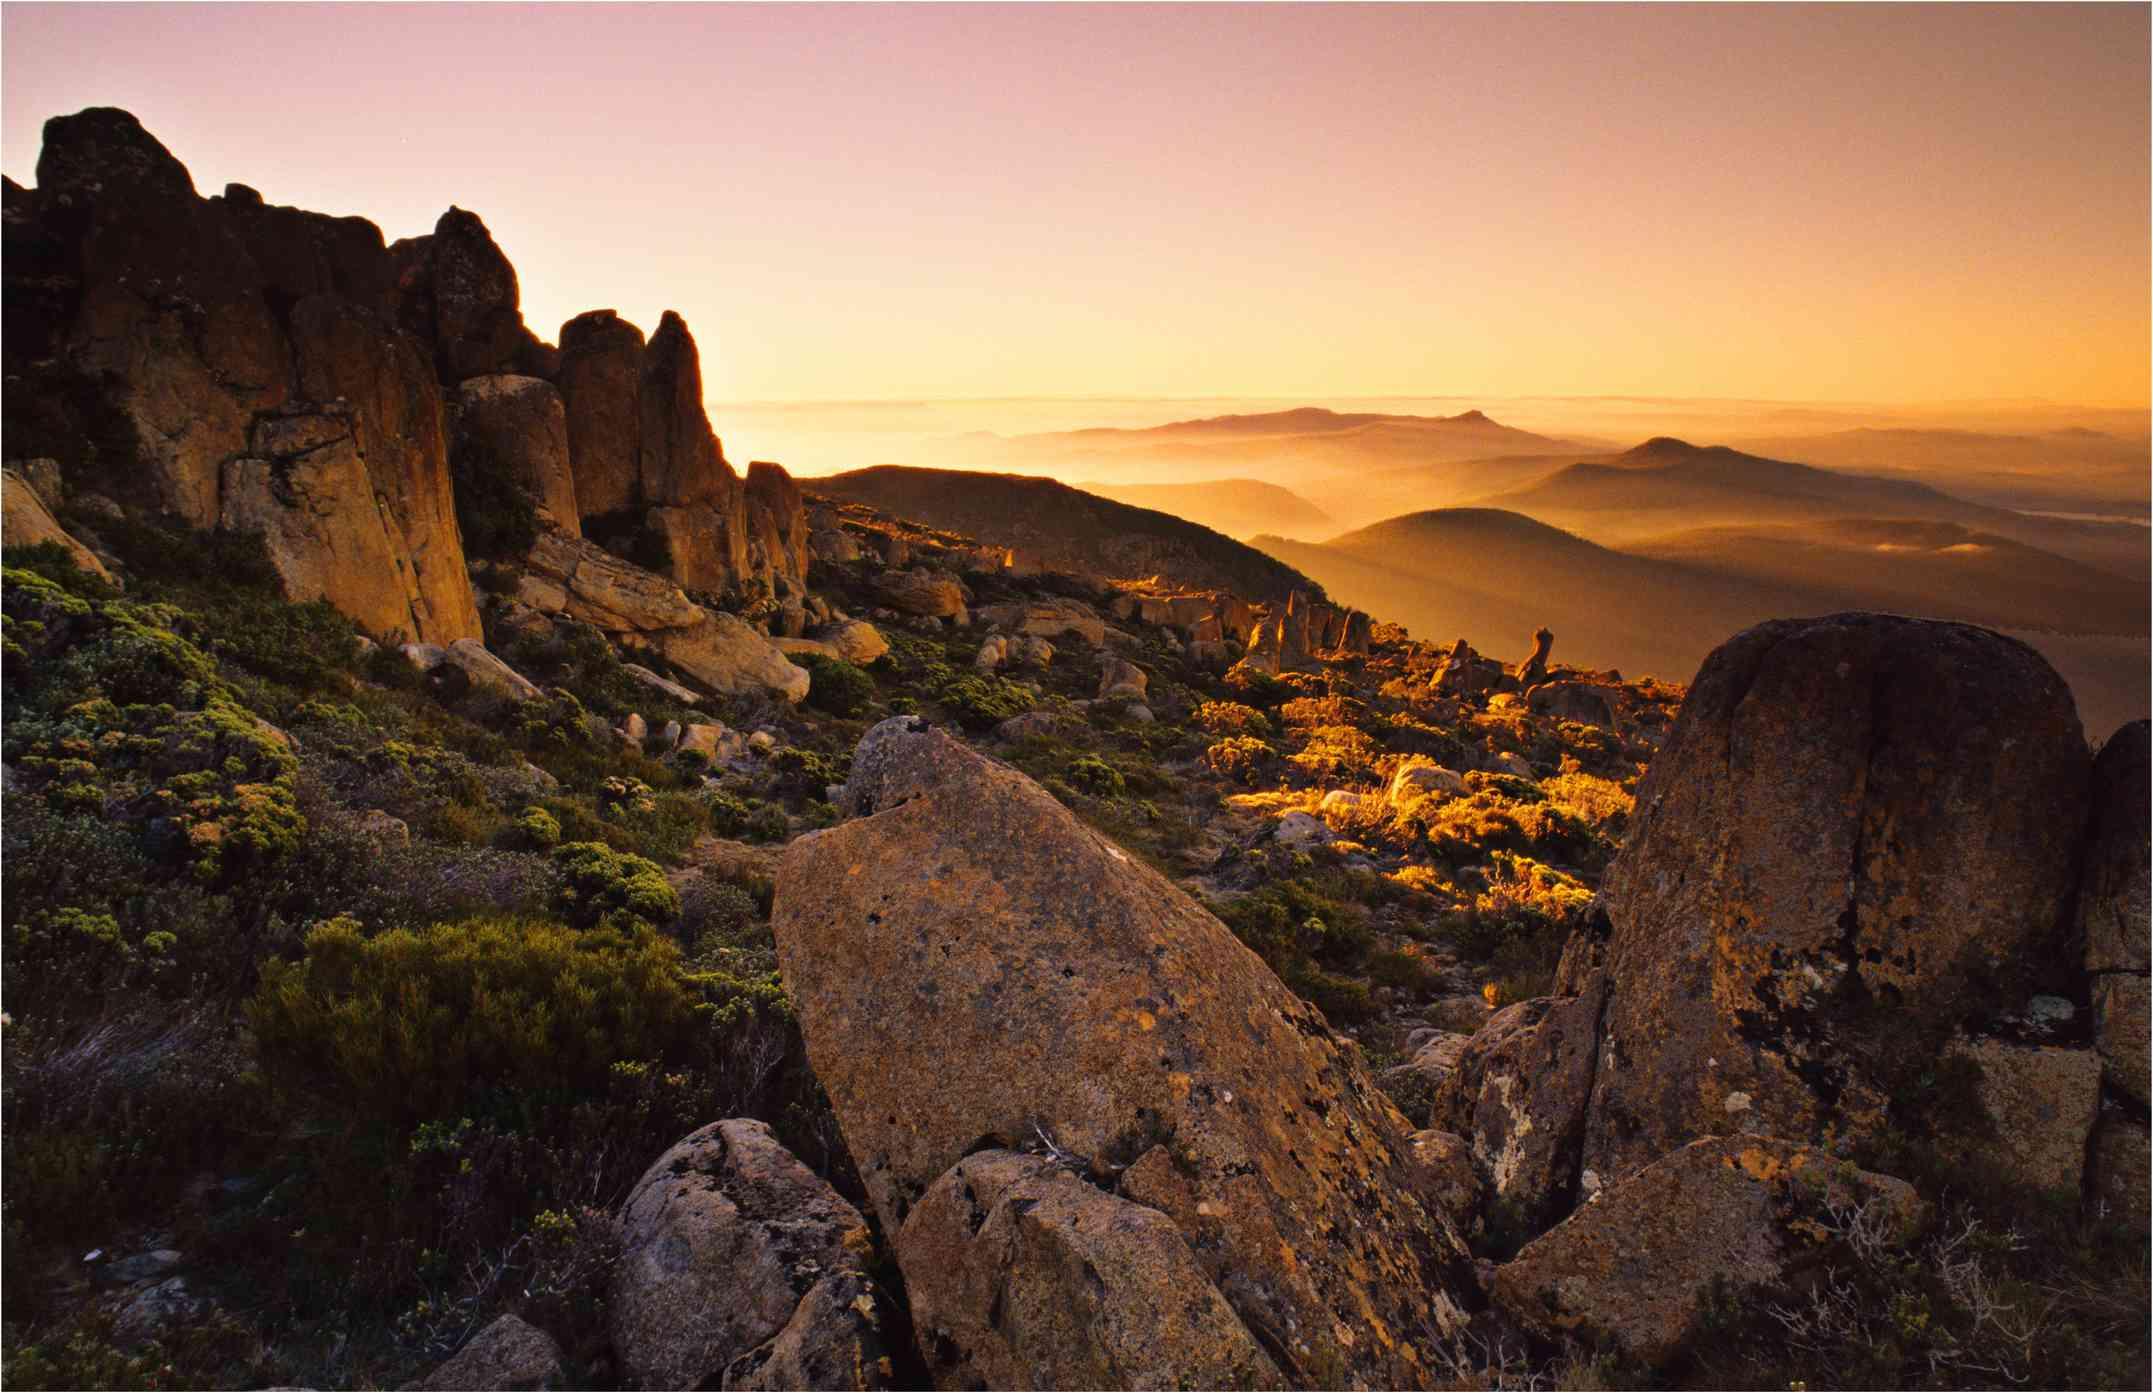 Sunset on the summit of Mt Wellington